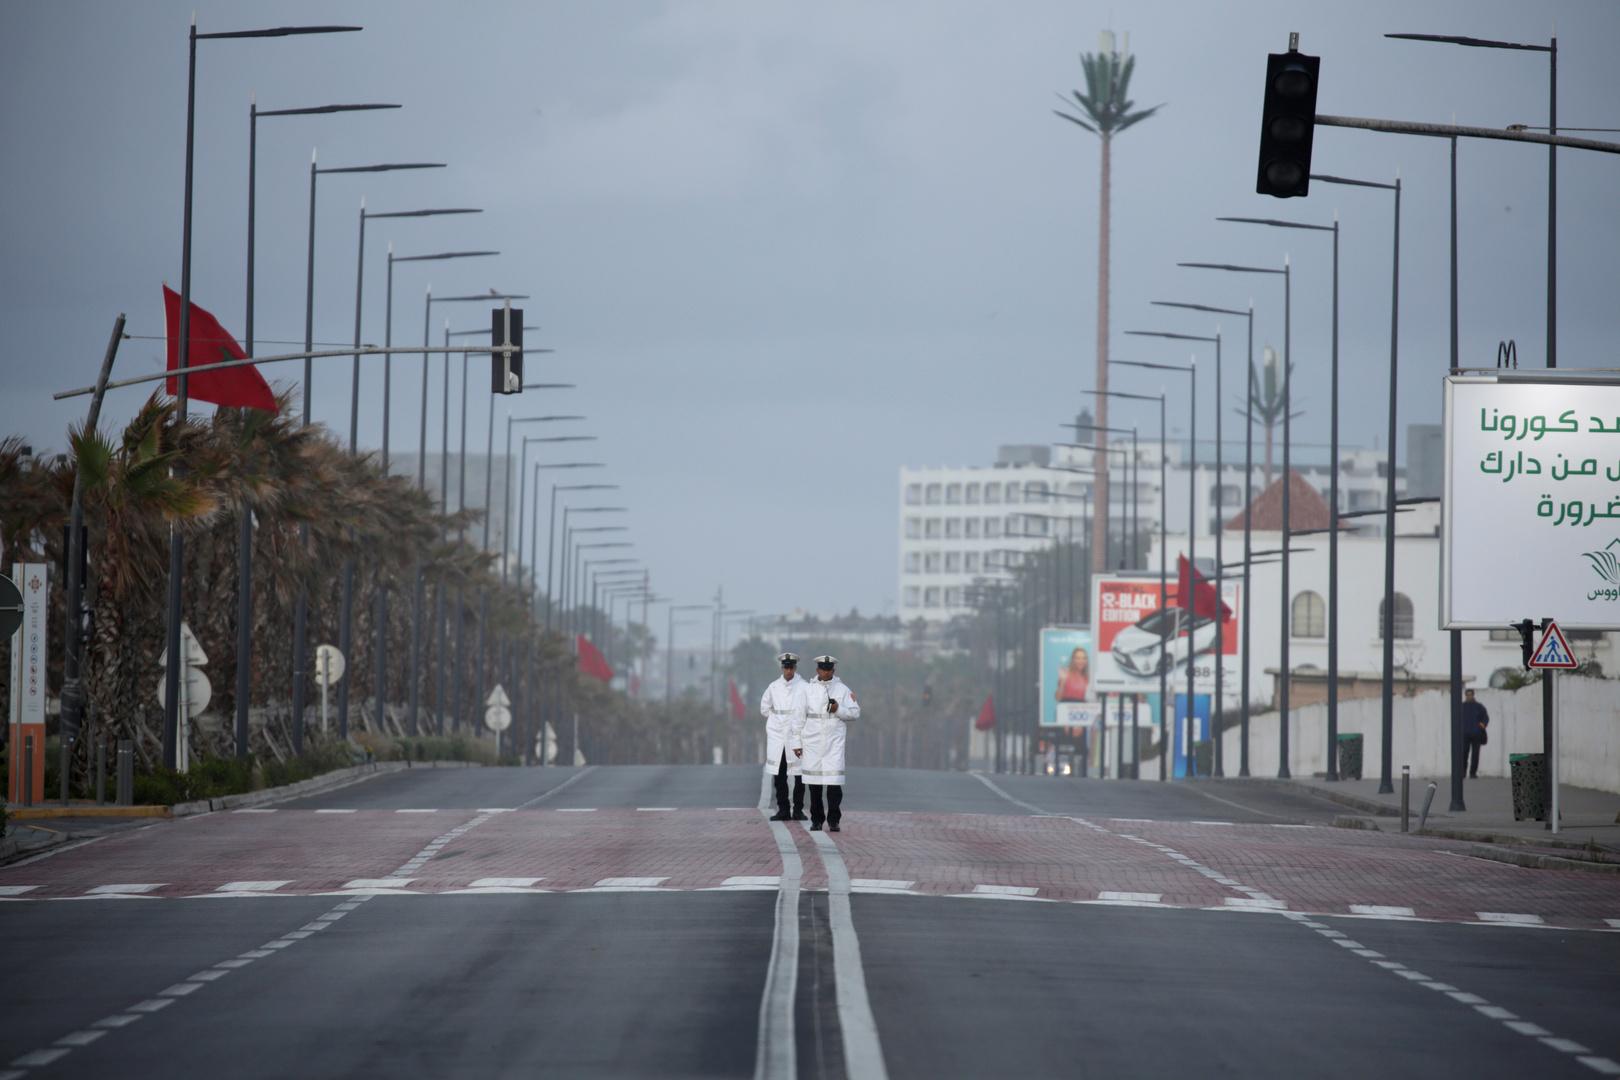 المغرب: أمامنا مشوار طويل في مواجهة كورونا